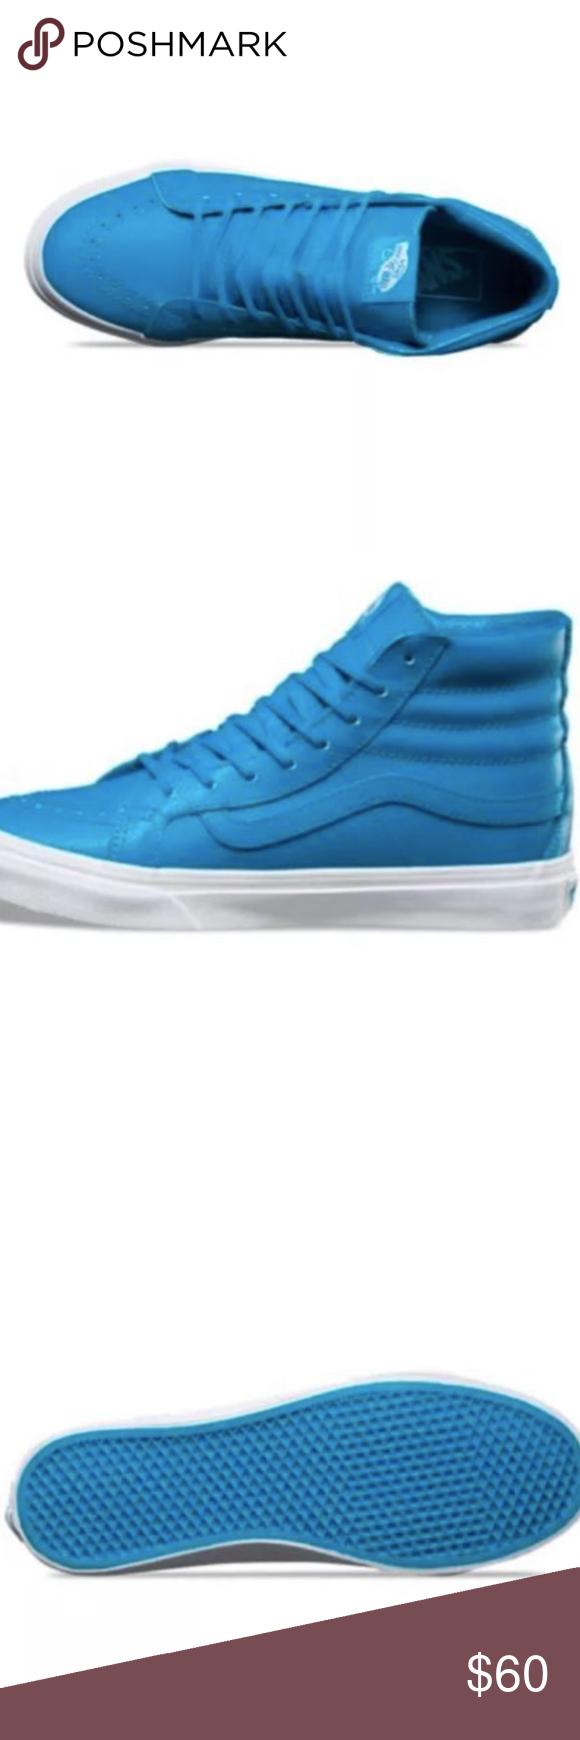 92ed4ee0b18926 Vans Sk8 Hi Slim Neon Leather Neon Blue